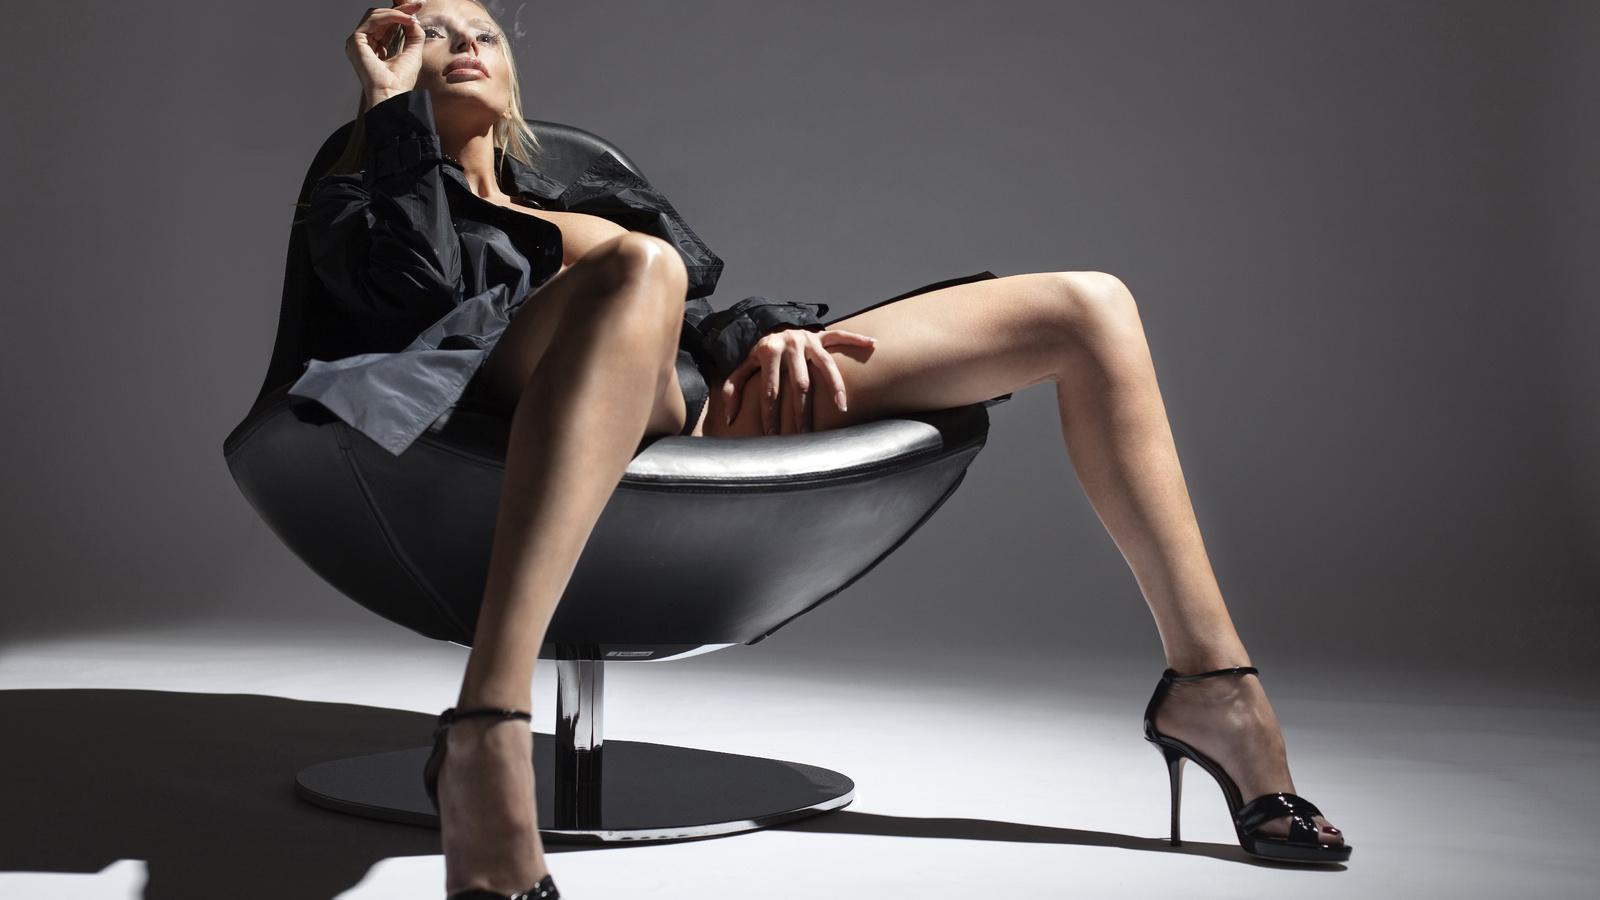 Фото категория сексуальные ножки, Голые ножки - красивые девушки с голыми ногами на фото 21 фотография